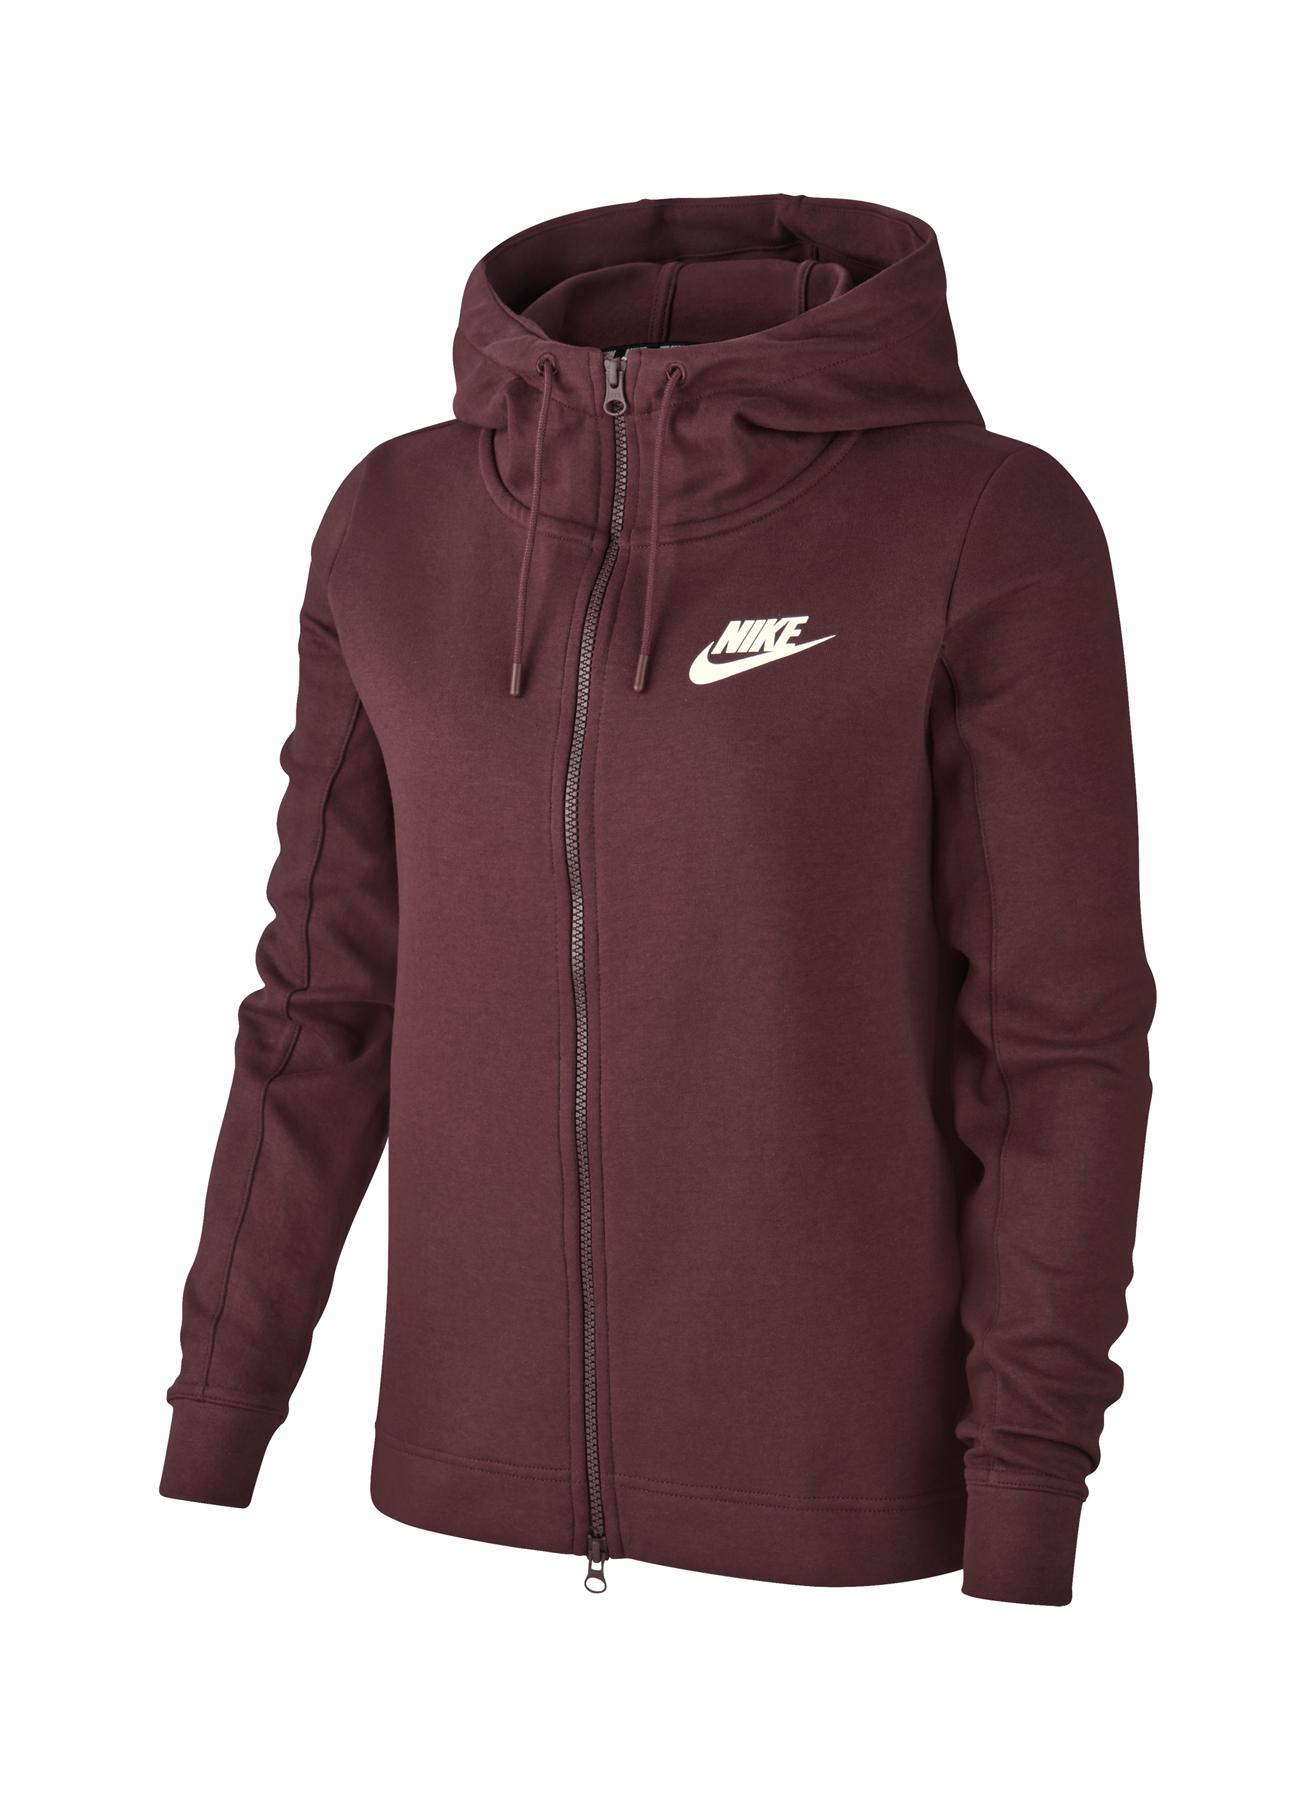 Nike Zip Ceket M 5002329067002 Ürün Resmi